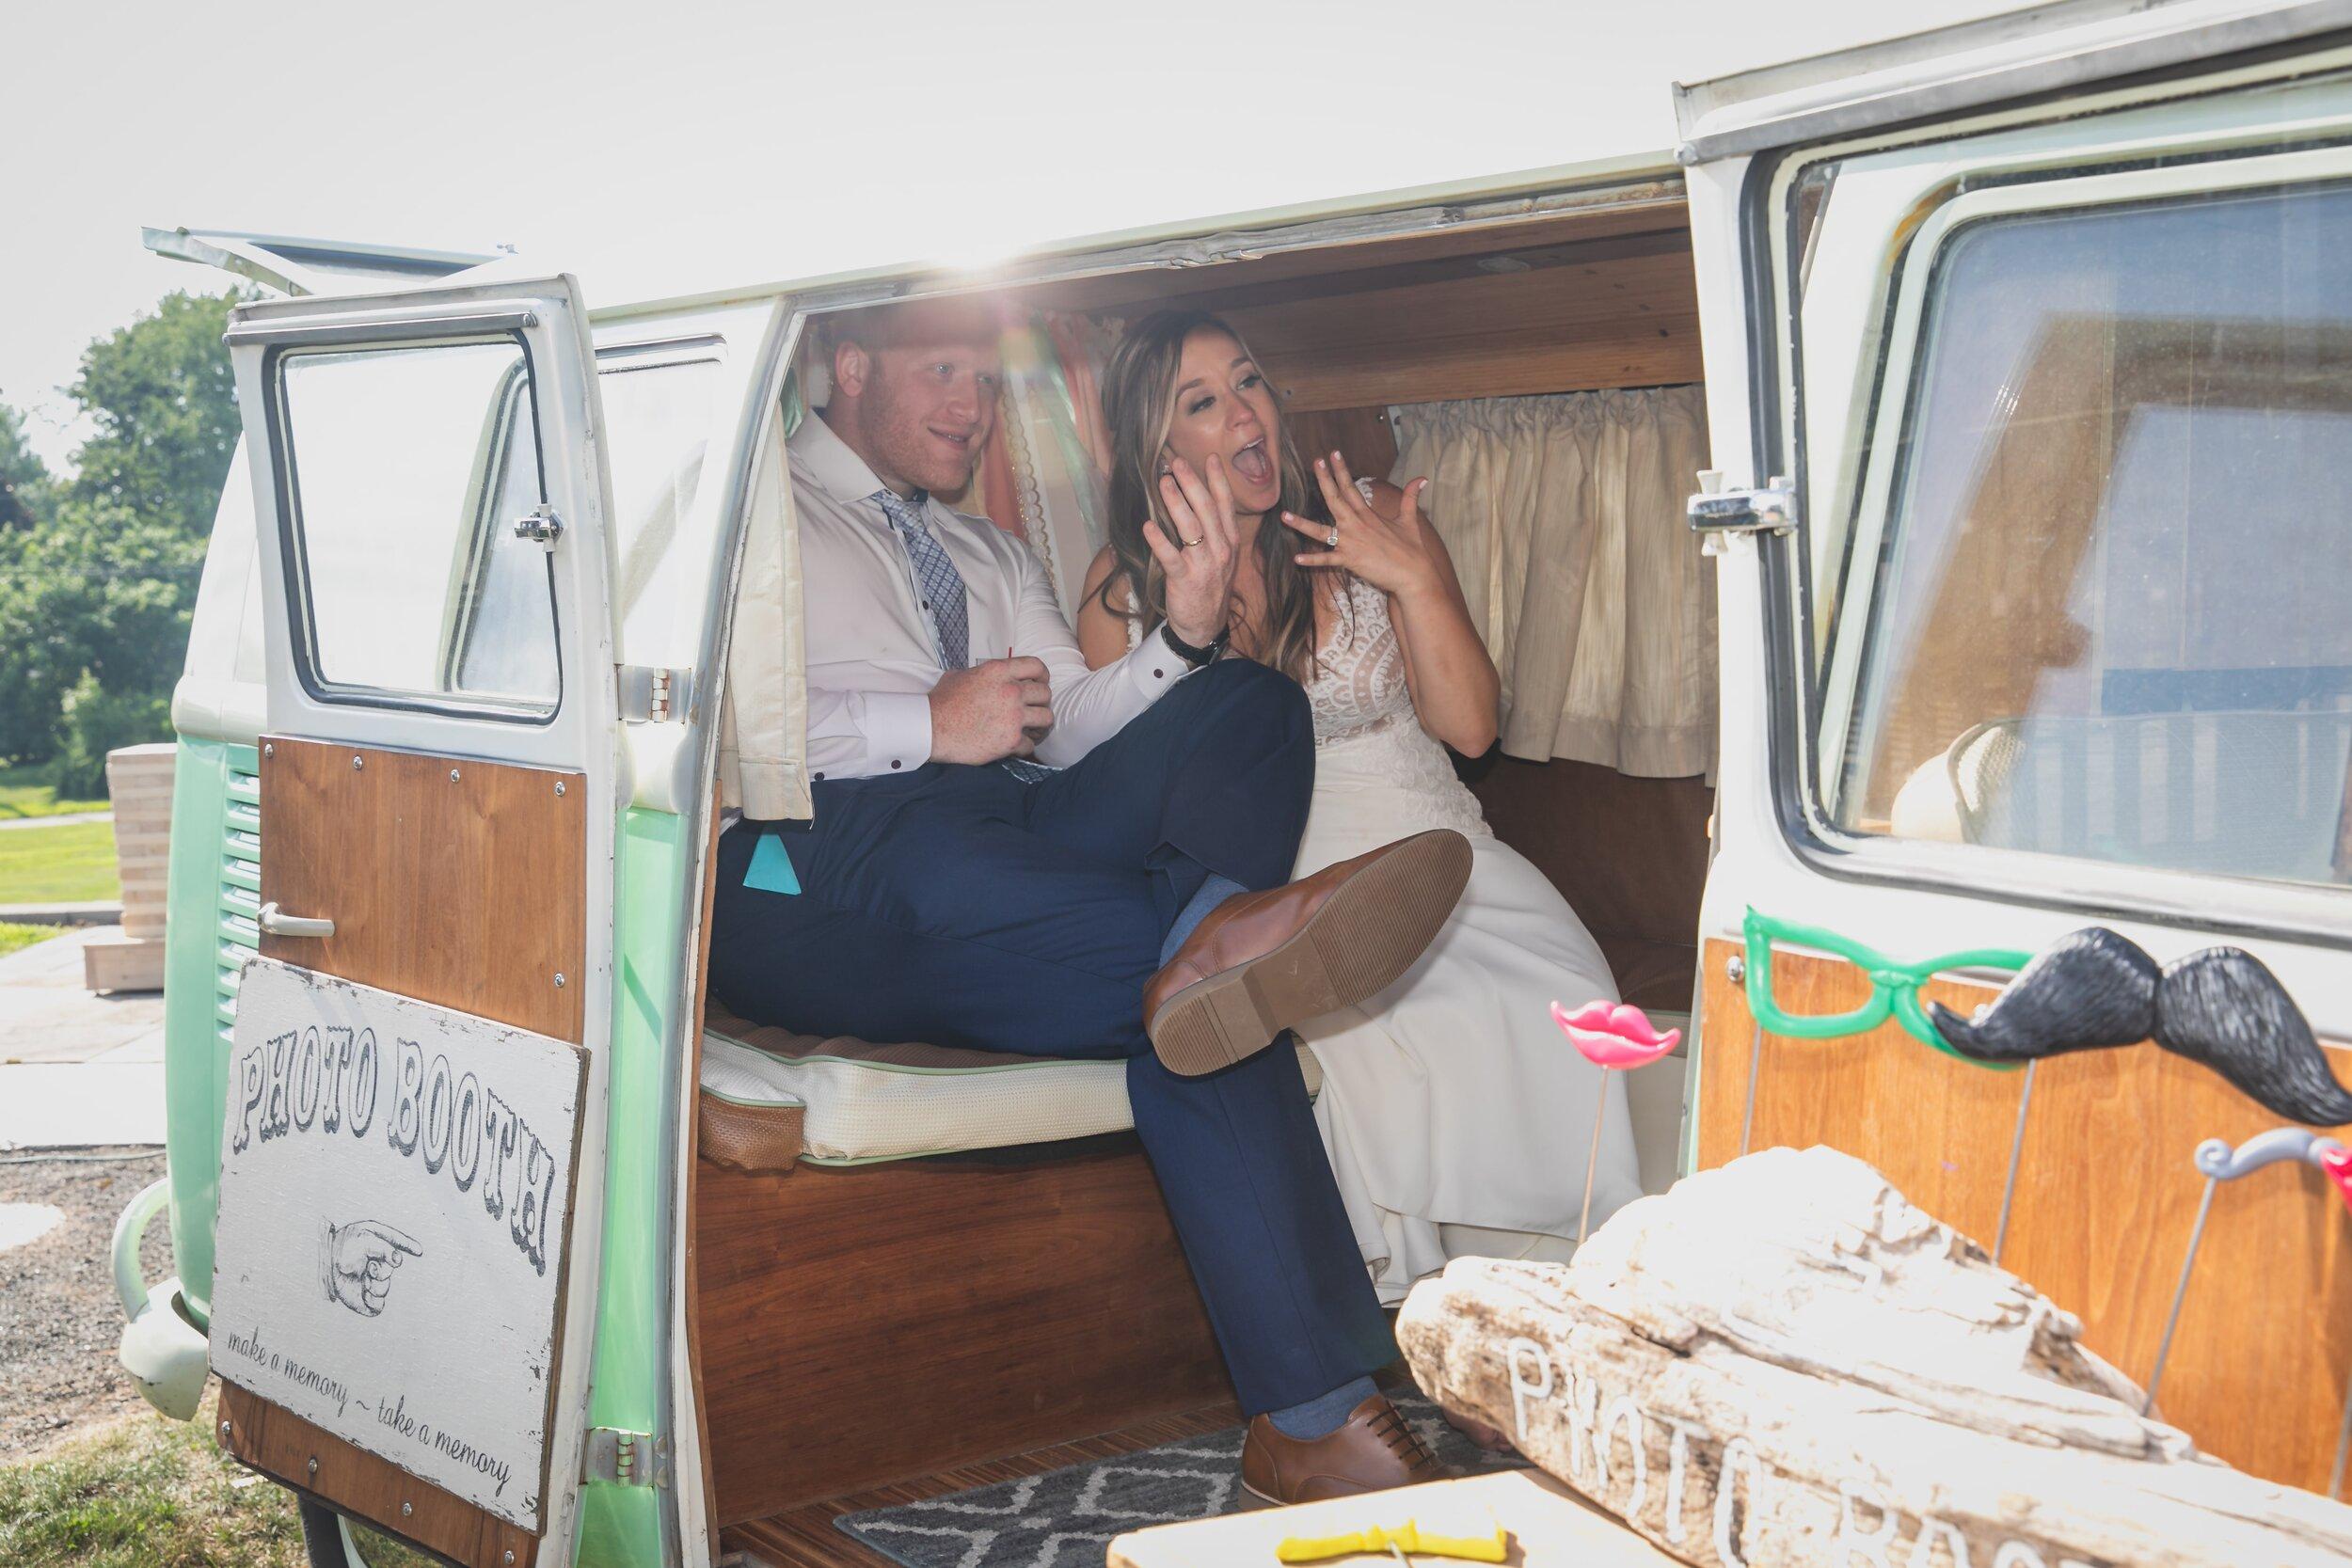 backyard-wedding-ideas-mobile-photobooth